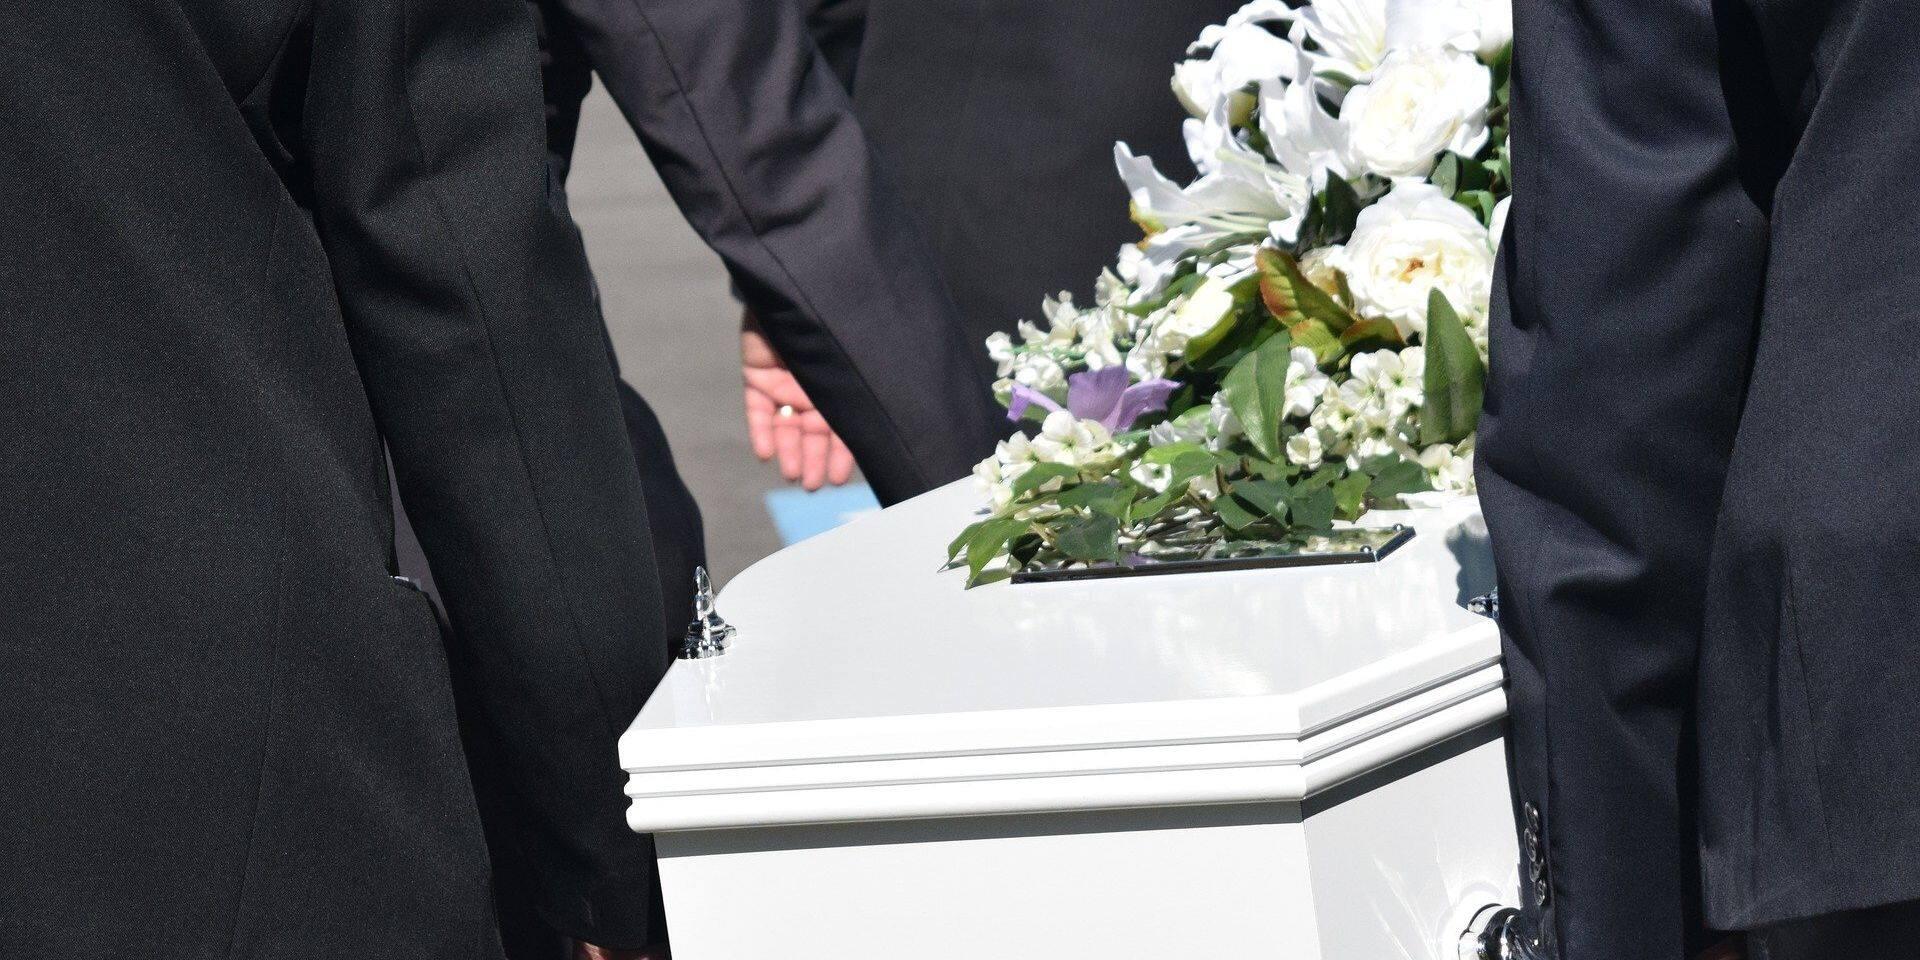 Le doyen de l'Iran est décédé à l'âge de 138 ans !